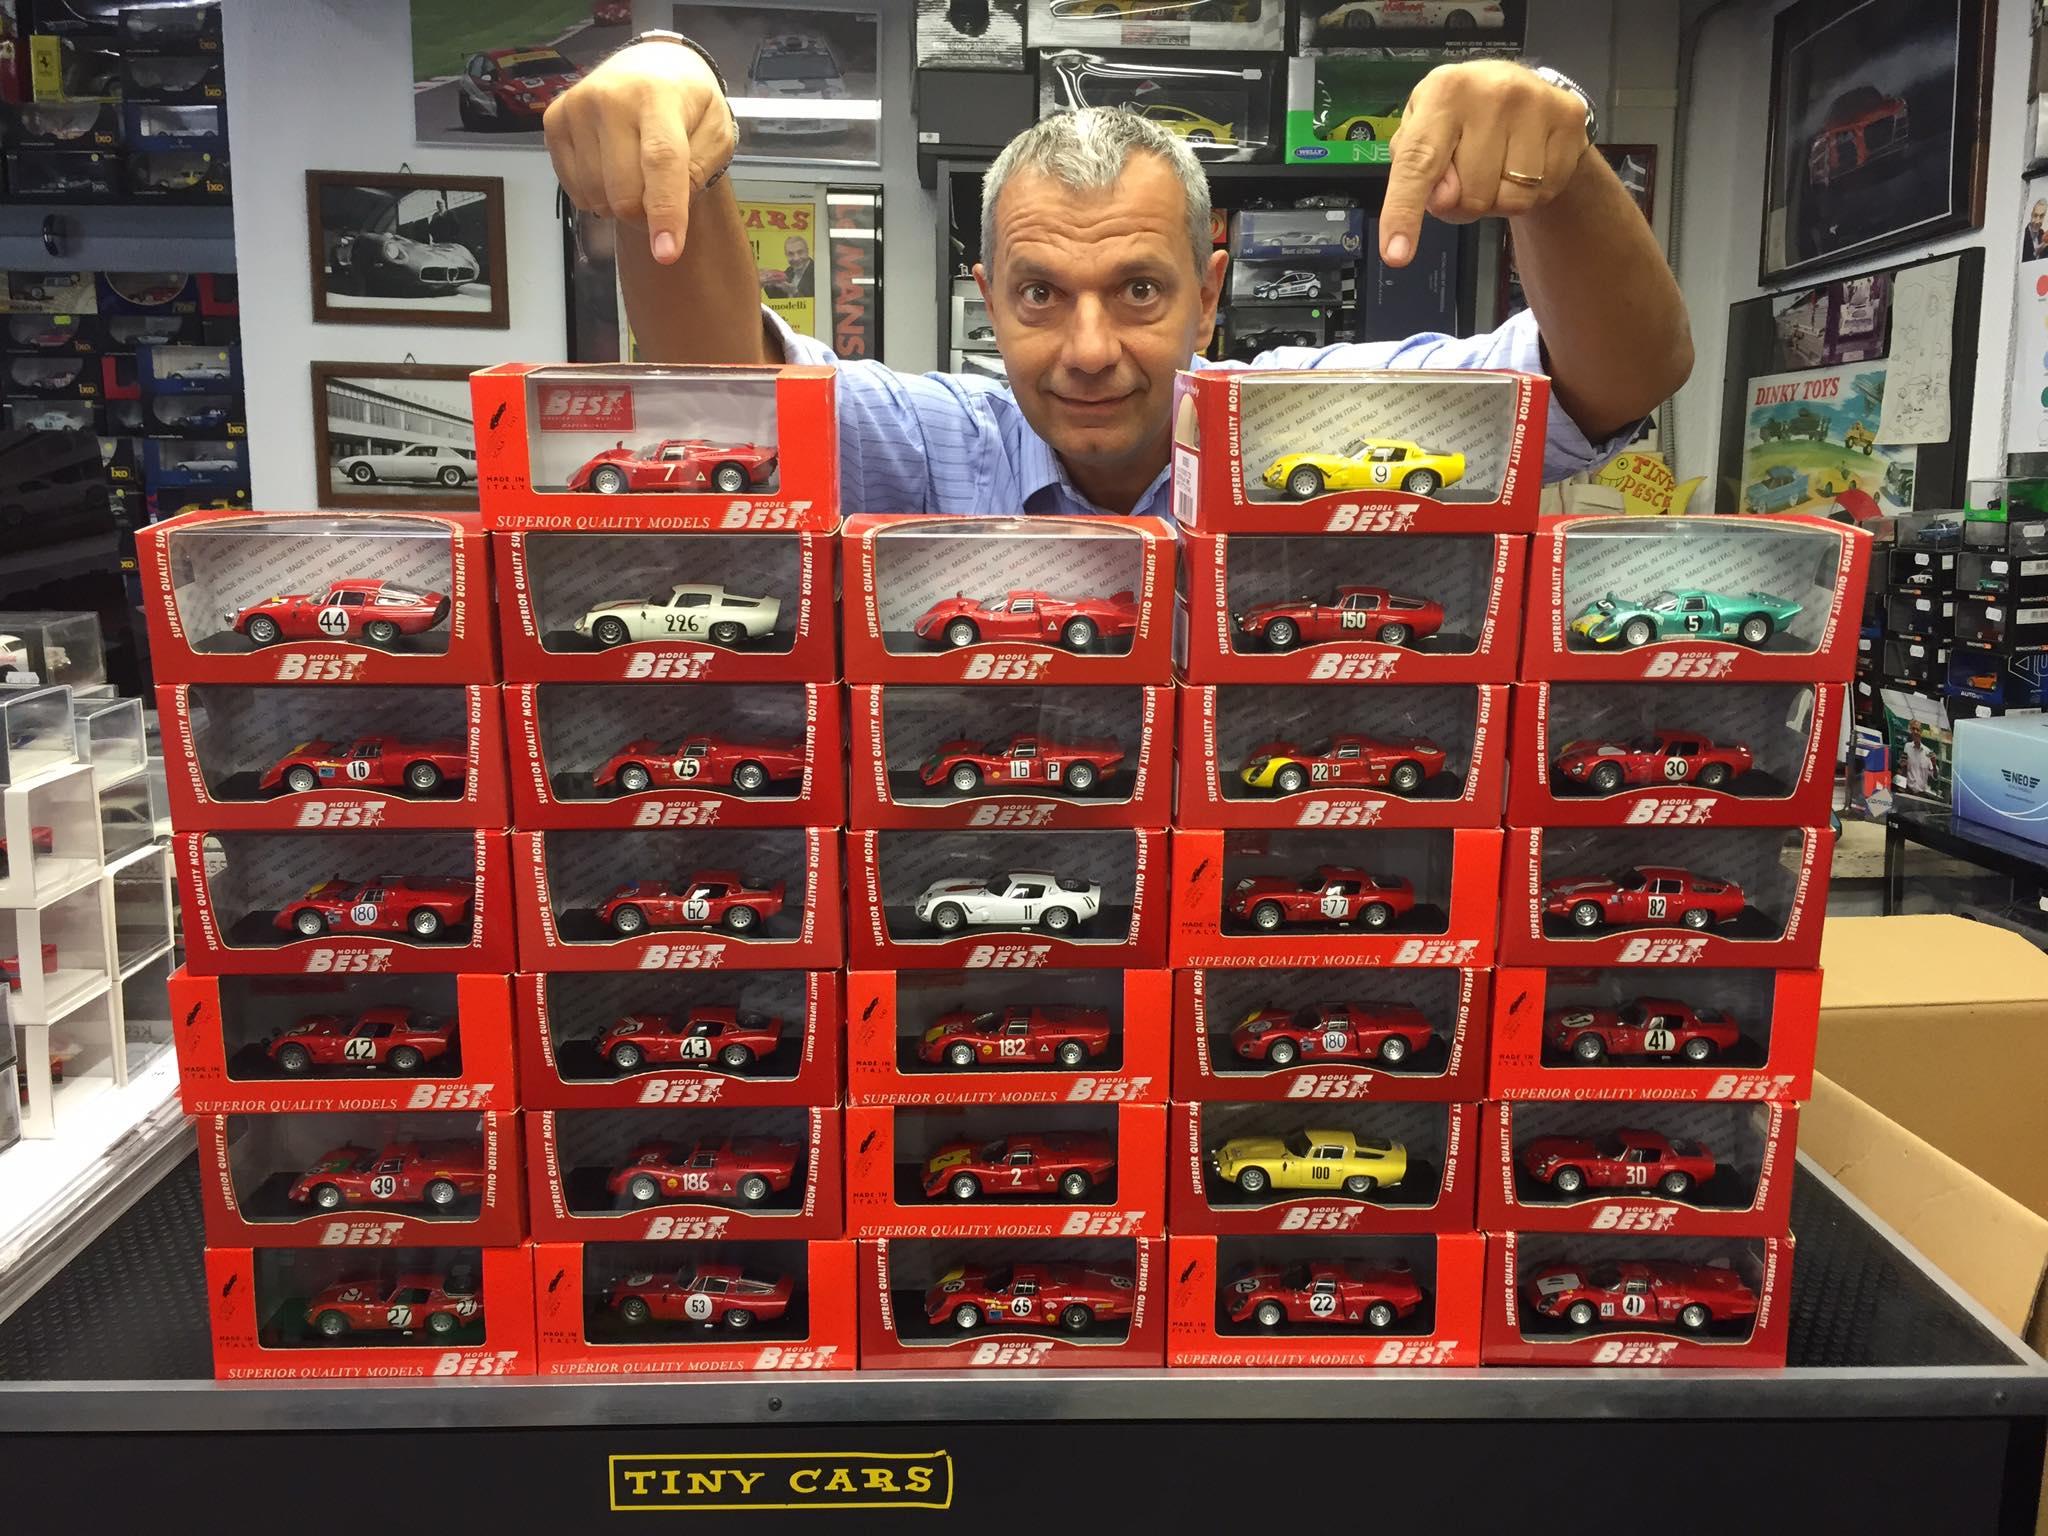 Tiny Cars acquista grandi collezioni di automodelli in scala! Andate sul sicuro, affidatevi a chi ha esperienza!